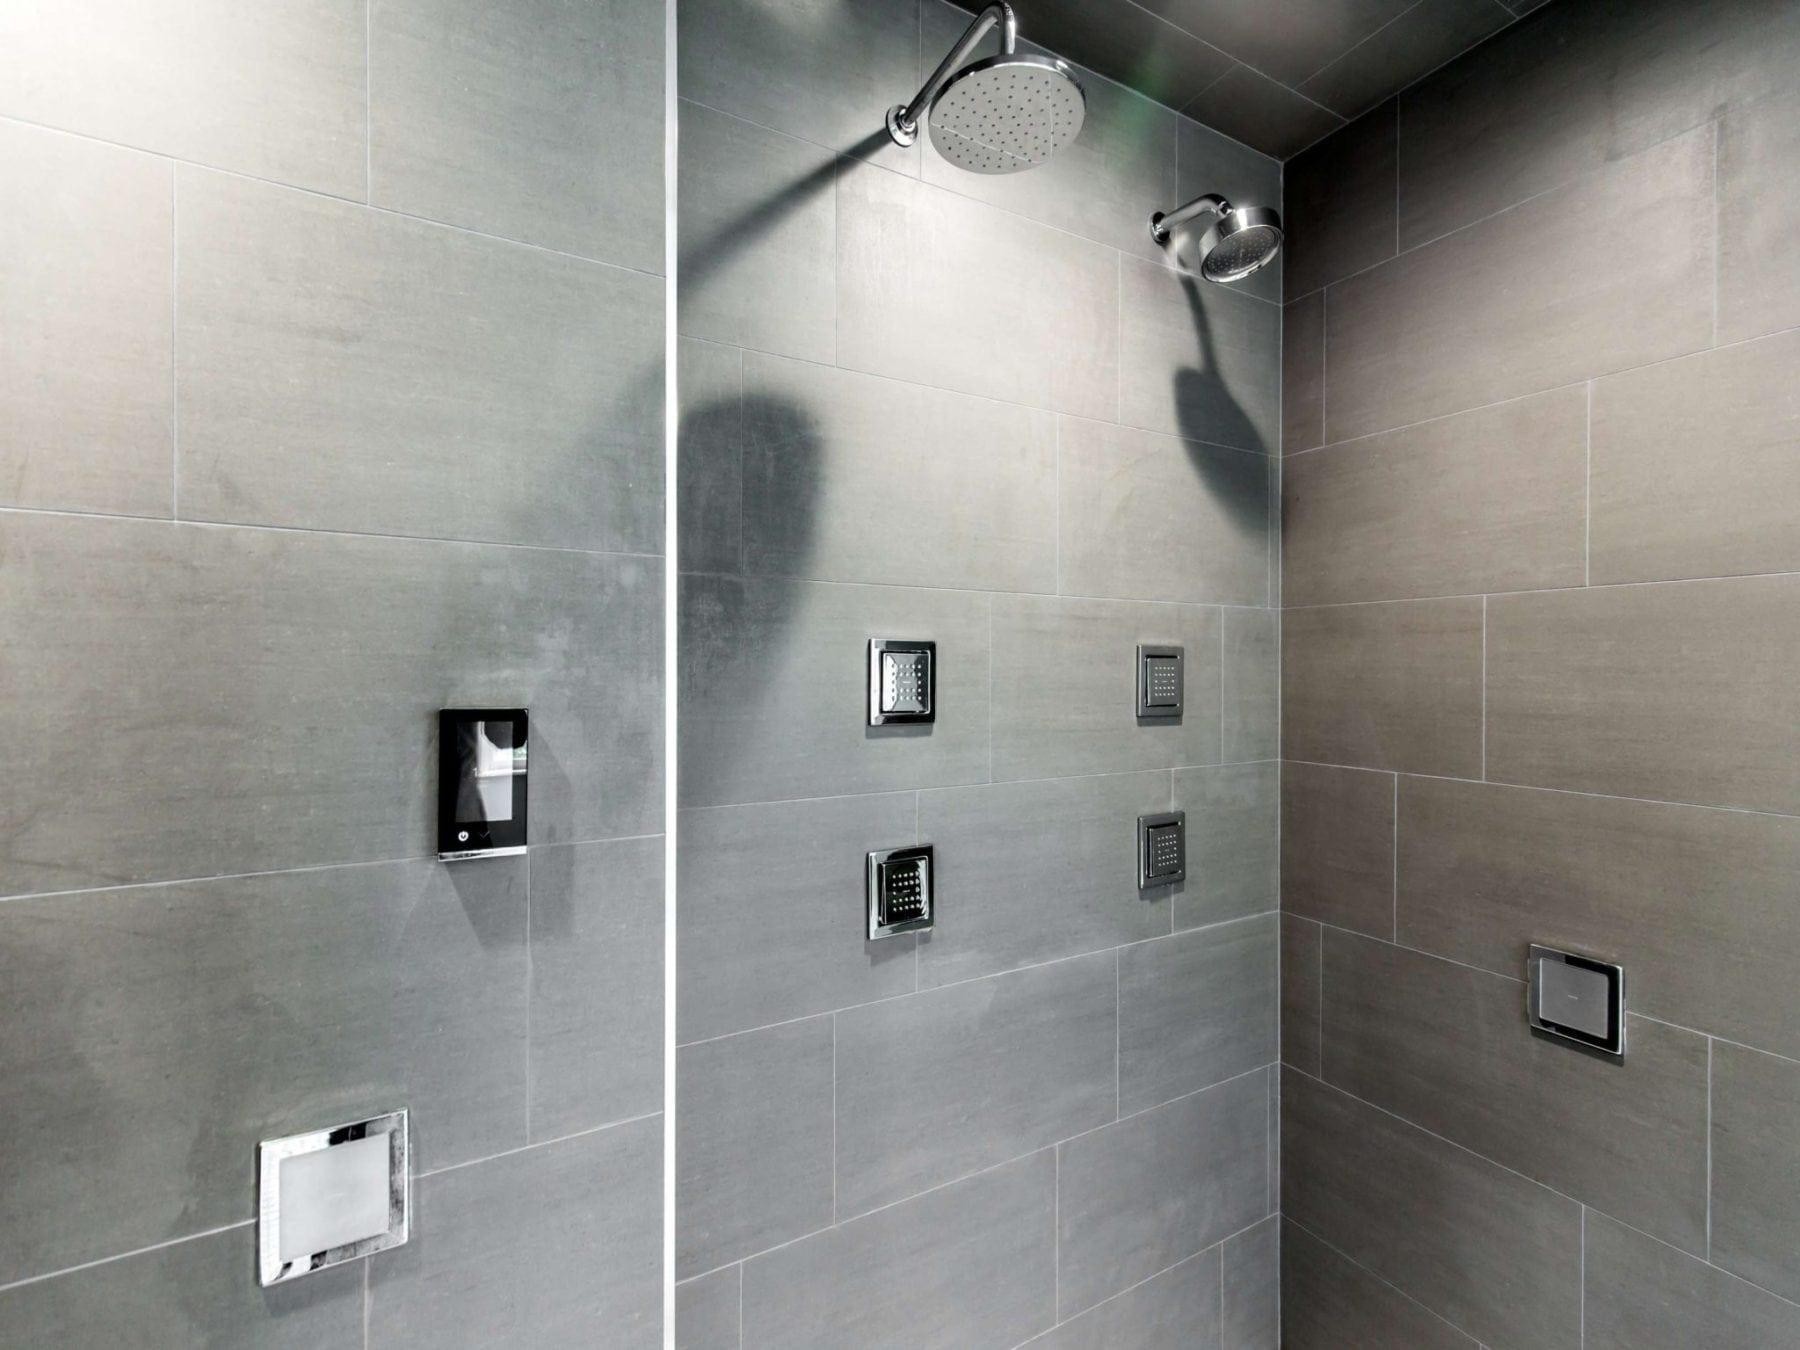 Kohler DTV+Steam Shower  System Master Bathroom After Renowned Renovation Remodel Dallas TX 75206